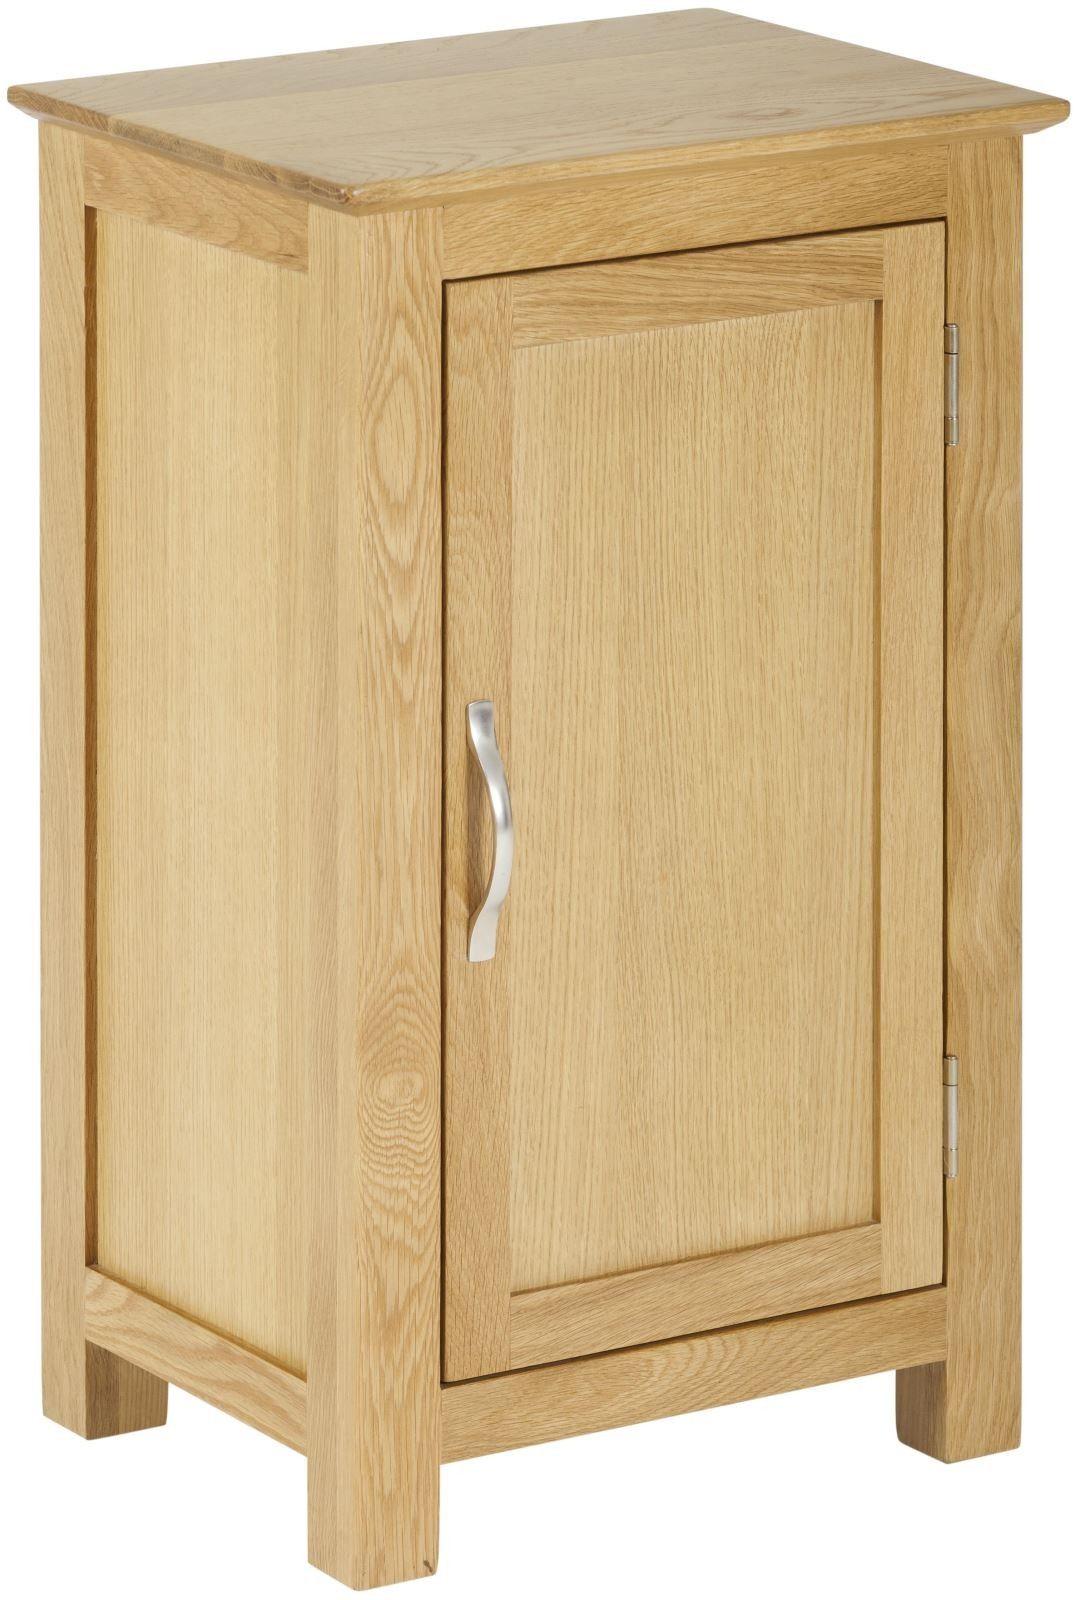 Kimmeridge Small 1 Door Cupboard